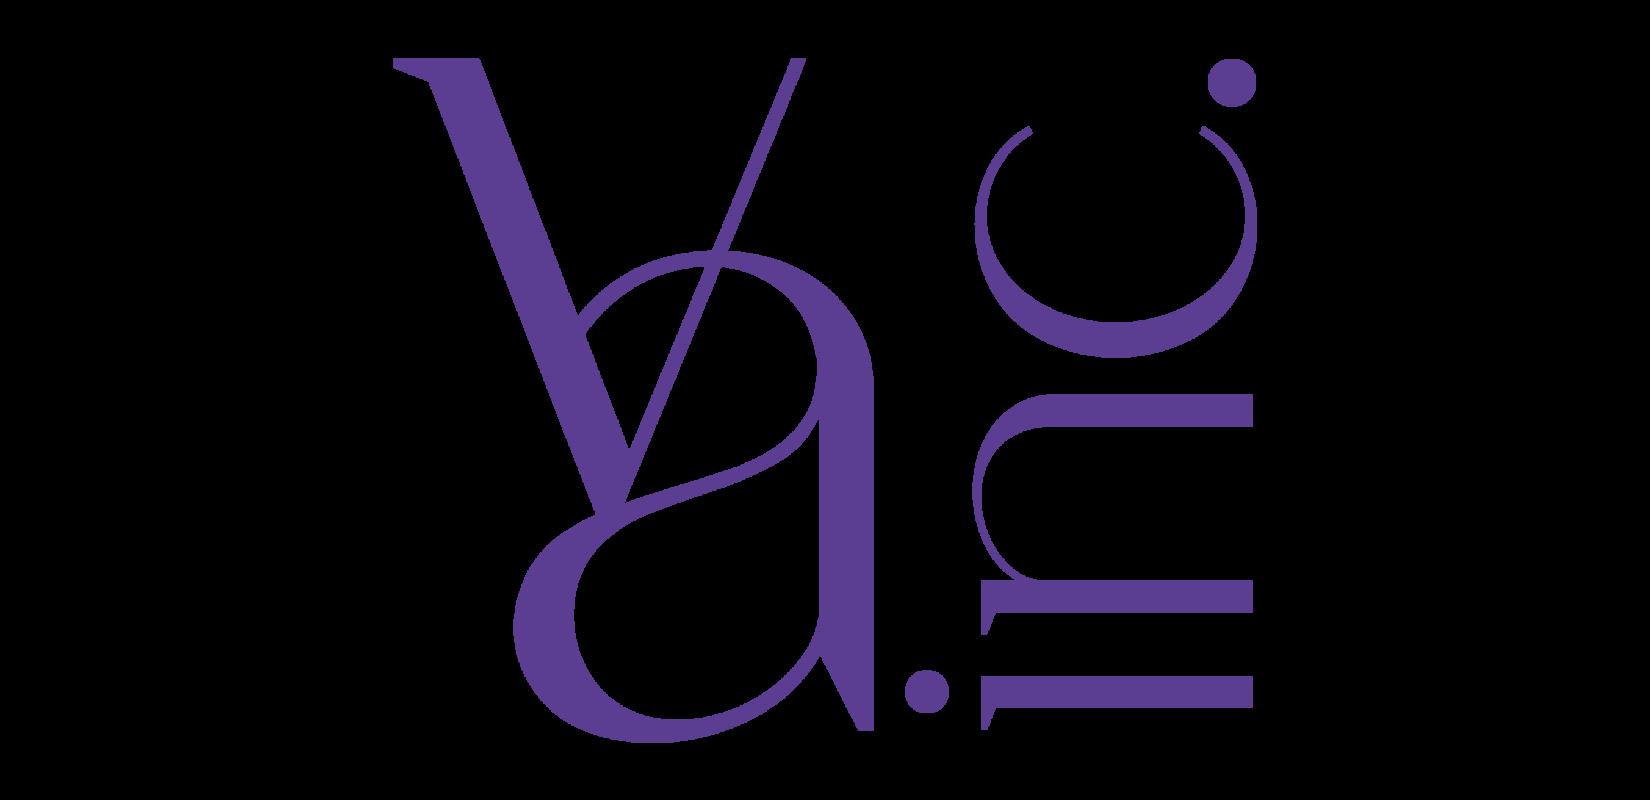 VA-Inc-Sublogo-Violet.png